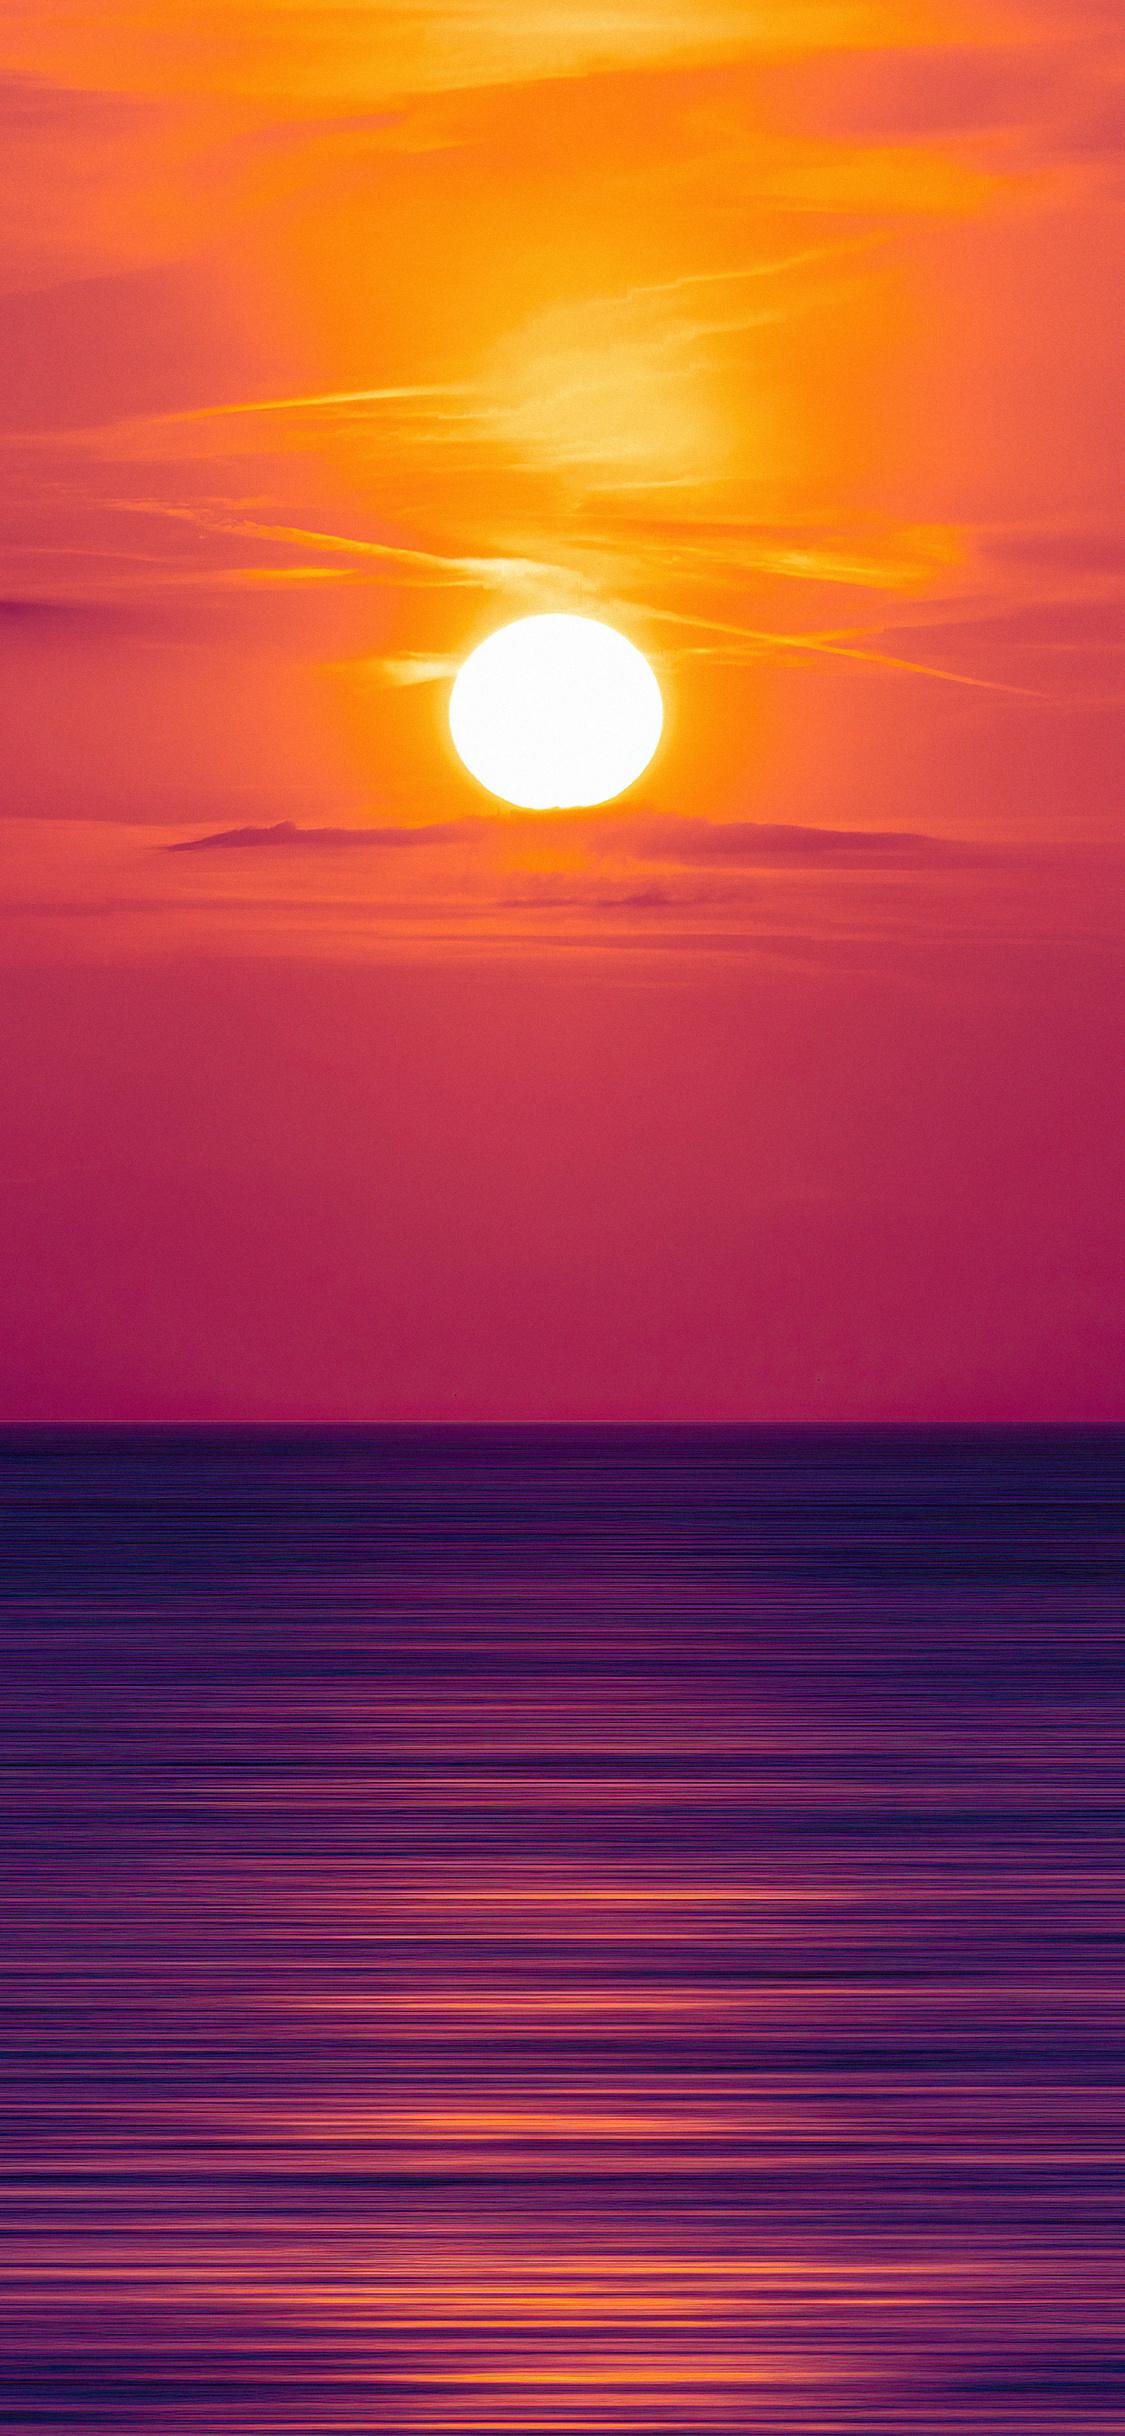 florida-sunset-5k-1g.jpg